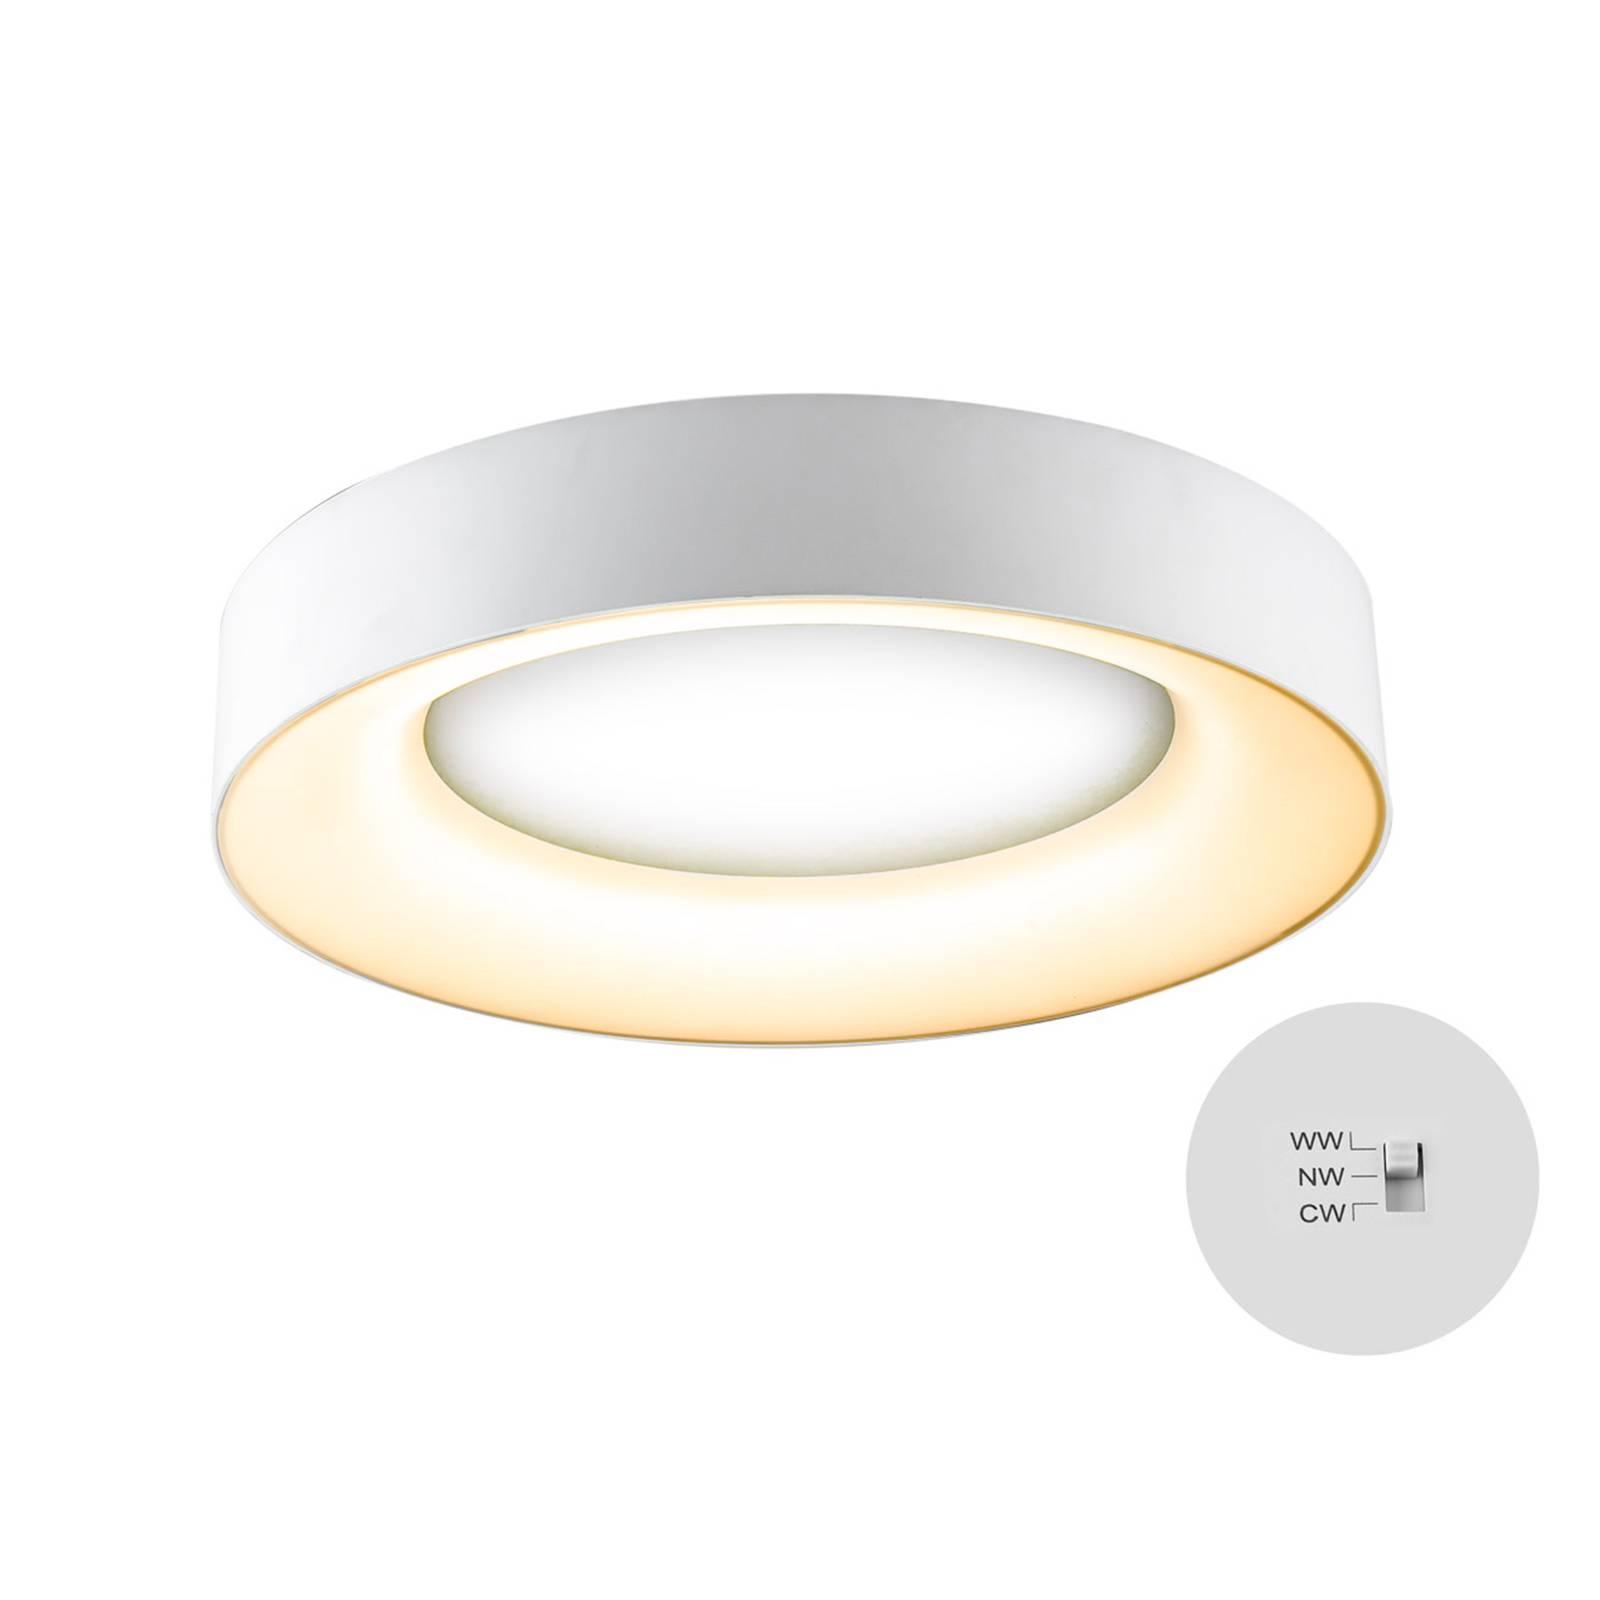 LED-kattovalaisin R40, Ø 40 cm, valkoinen